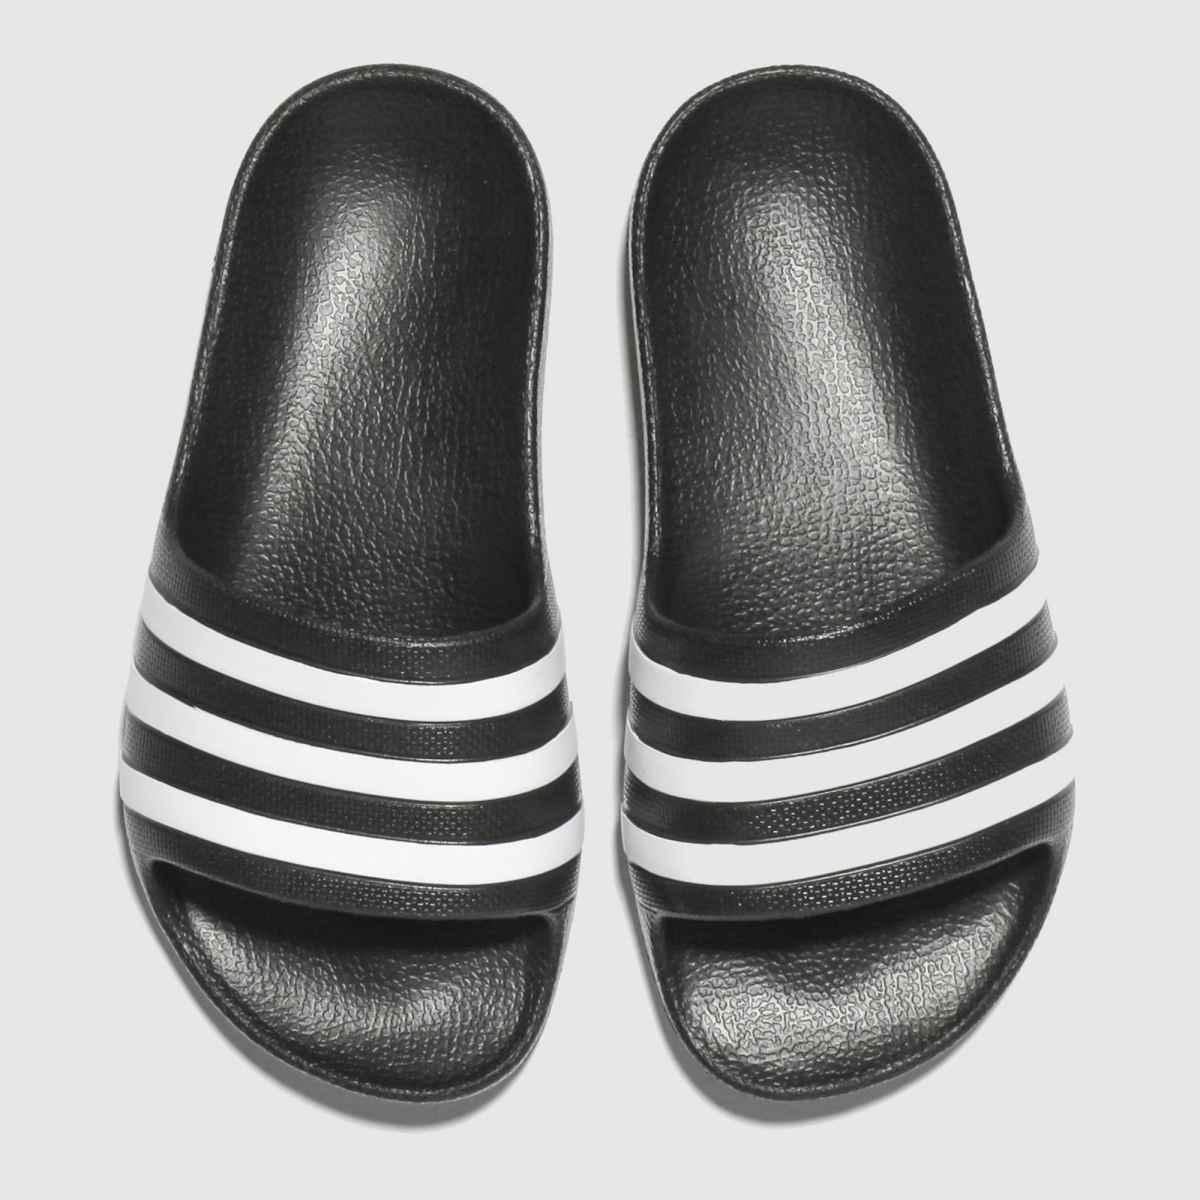 Adidas Black & White Adilette Aqua Trainers Junior